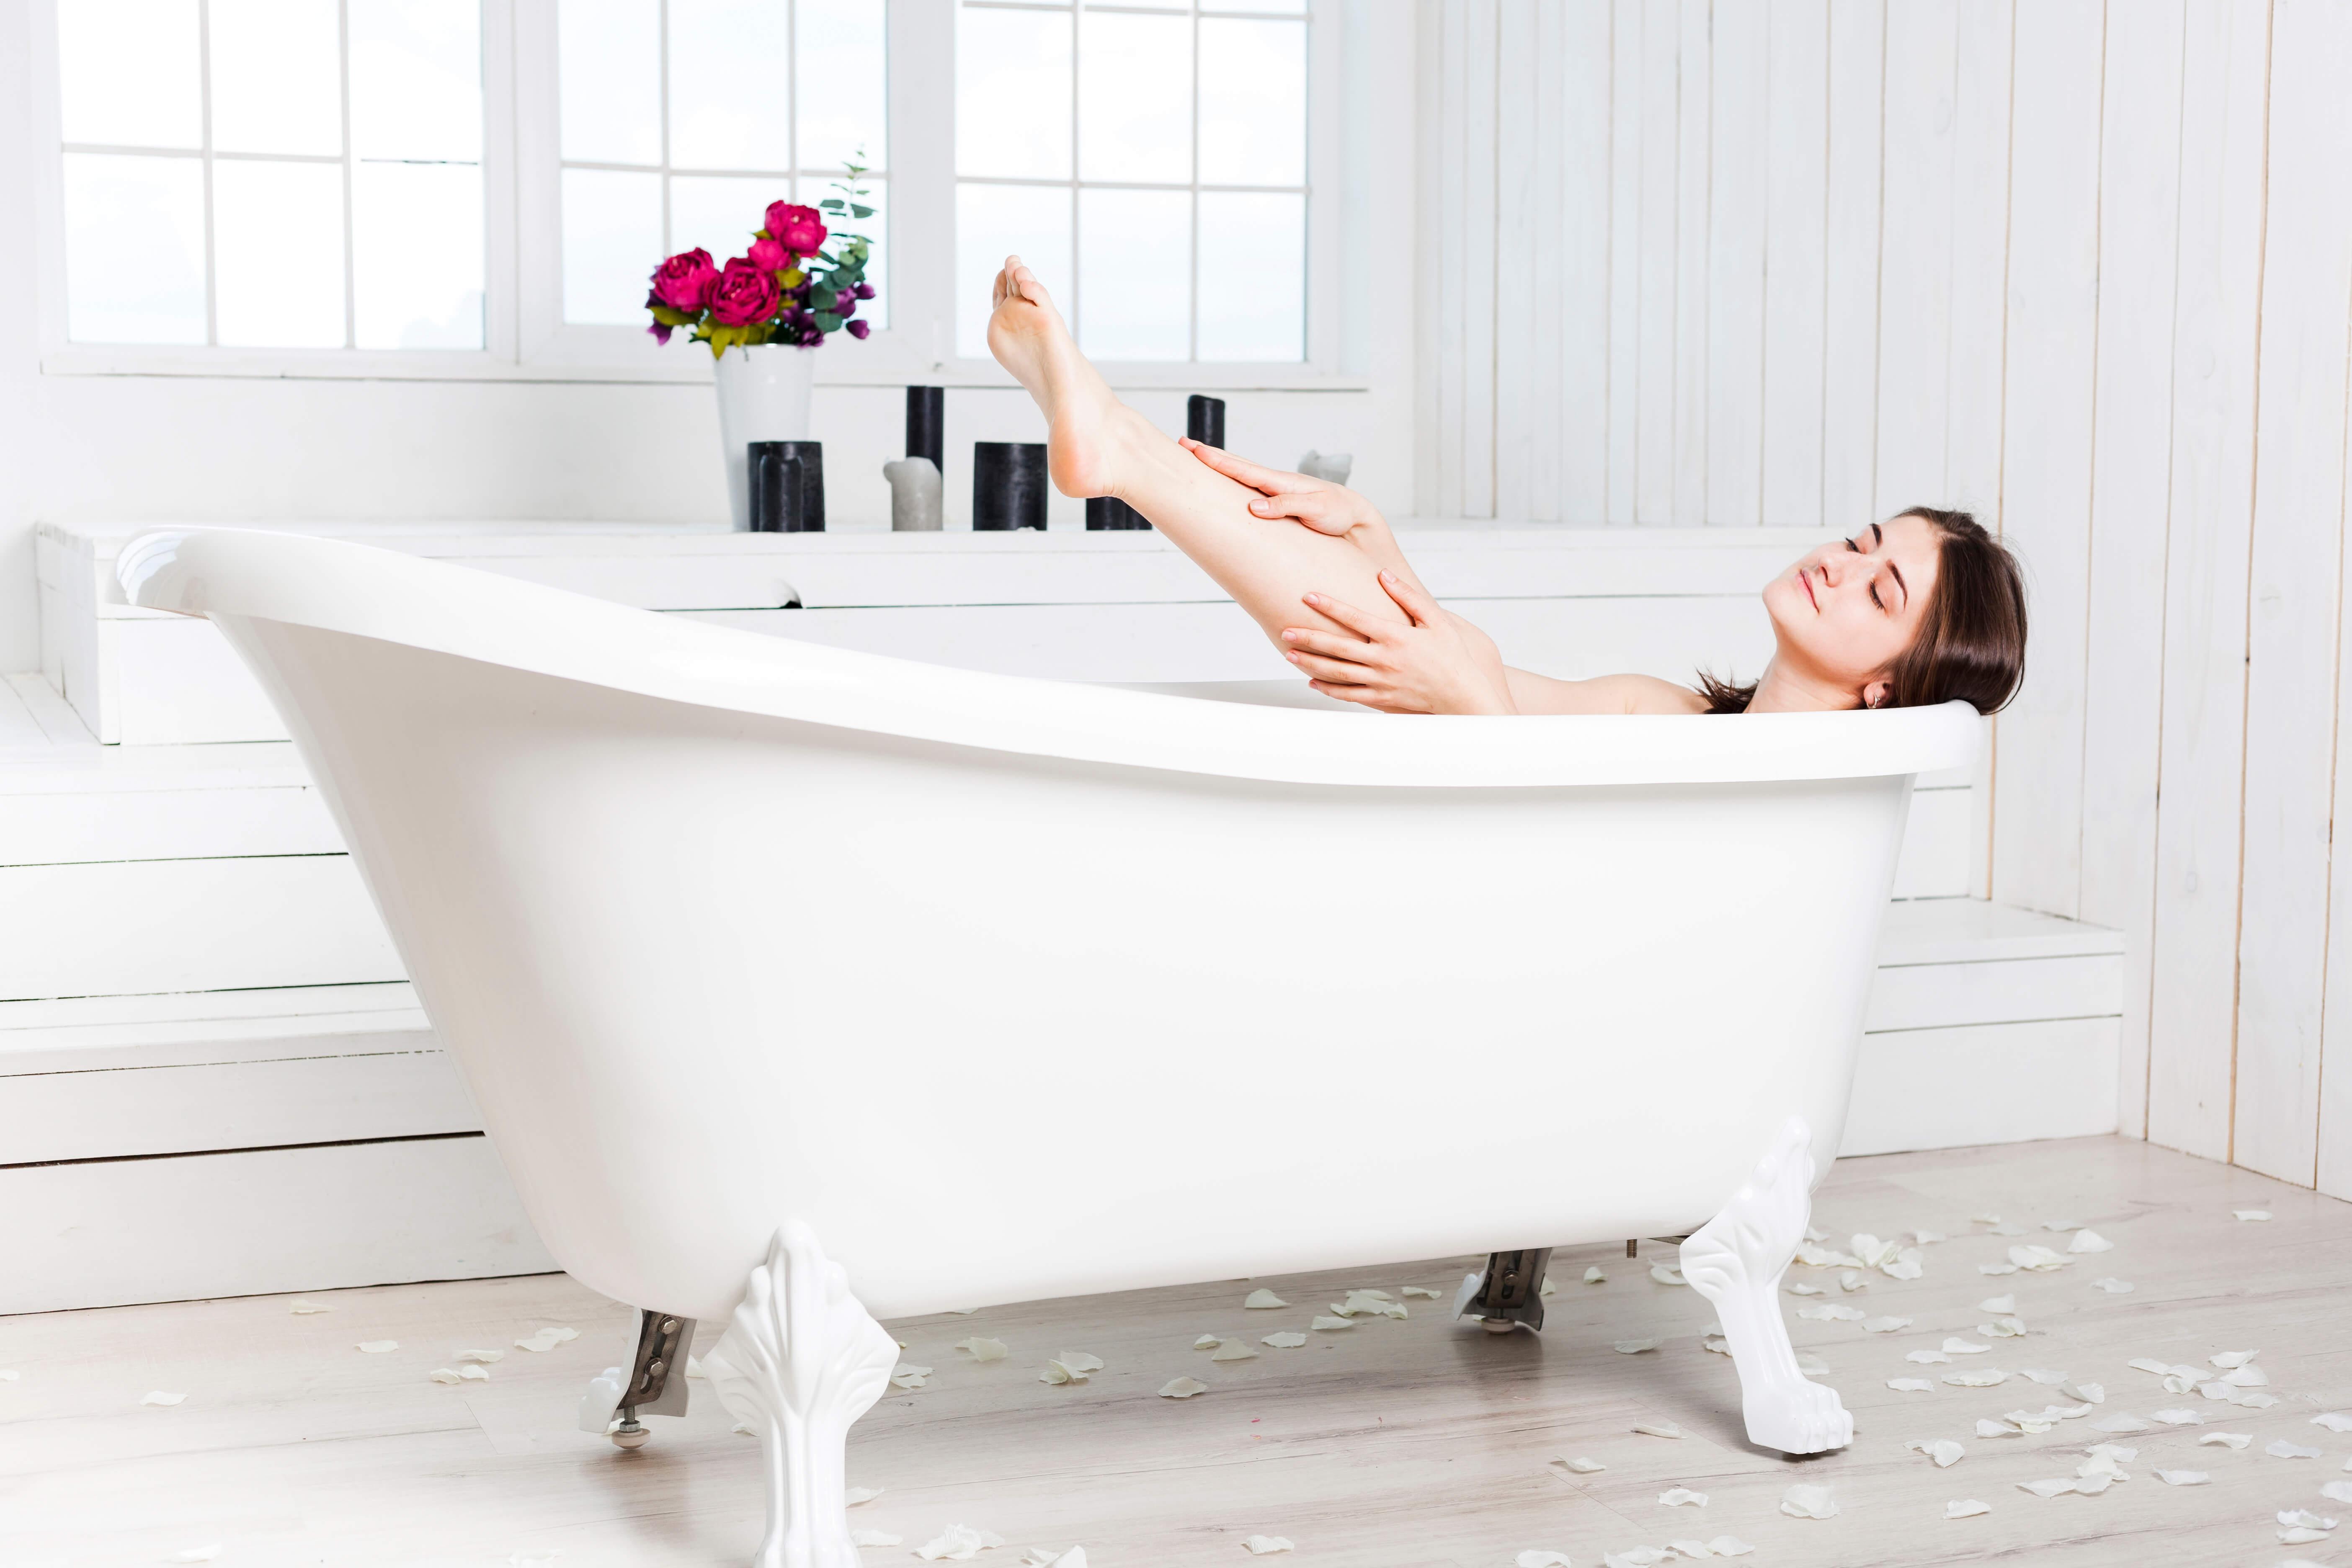 femme qui prend un bain dans une baignoire blanche salle de bain de luxe